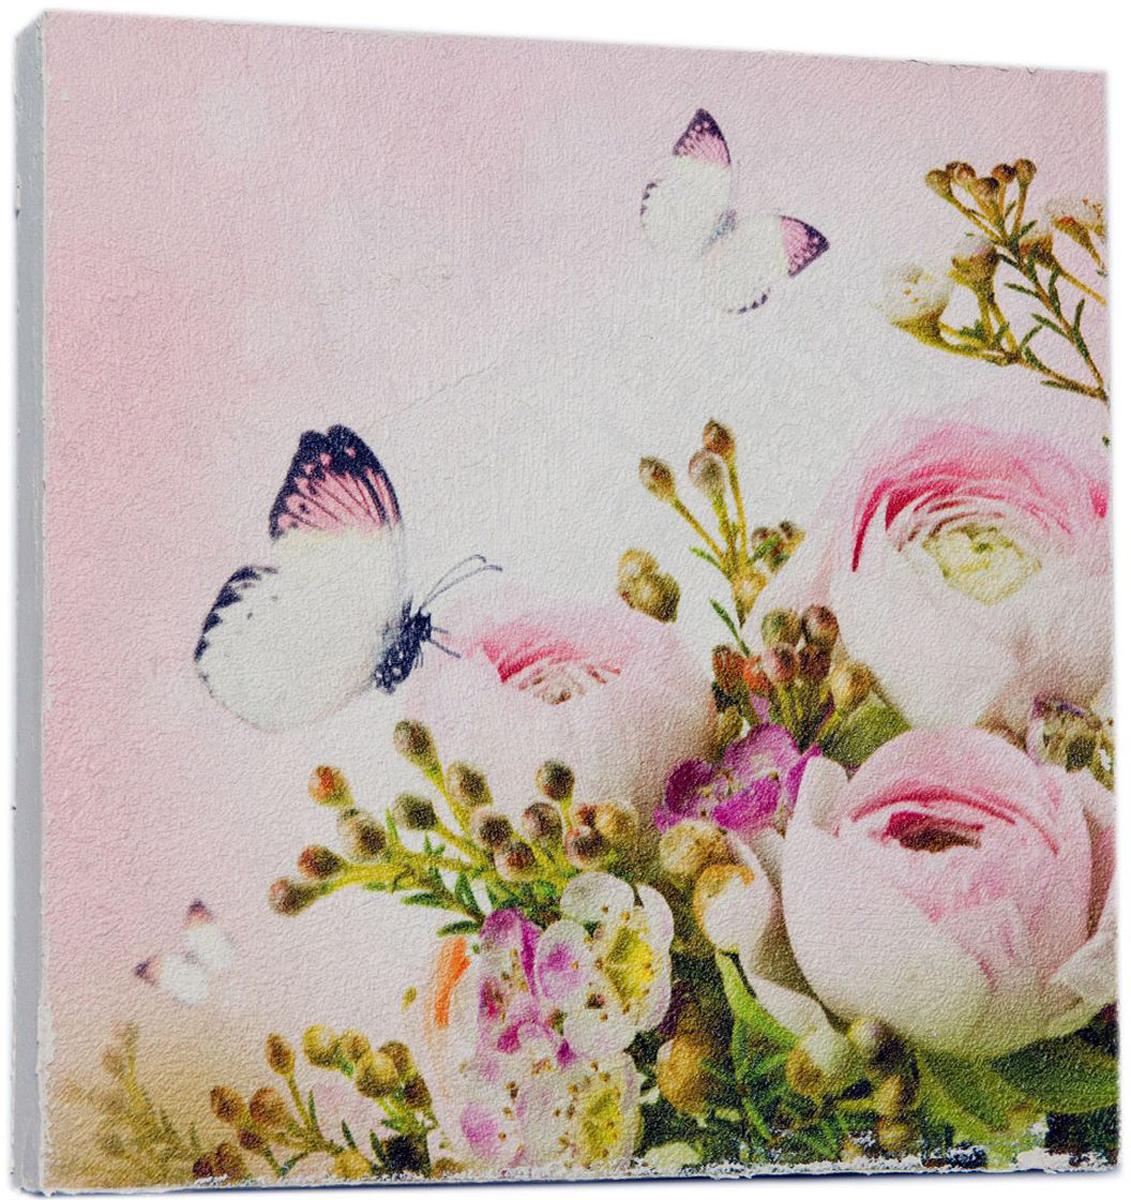 Картина Mister Poster Нежные розовые пионы с бабочкой, 22 х 22 см0534-22-22Картина Mister Poster - это высококачественная репродукция на деревянной раме. Лицевая поверхность имитирует штукатурку или натуральный холст, края окрашены вручную специальным декоративным составом.Современные технологии, уникальное оборудование и оригинальные чернила, используемые при изготовлении, делают постер устойчивым к выцветанию, а также гарантируют стойкость к воздействию негативных внешних факторов. Интерьер дома и офиса, в котором находится человек, в значительной степени влияет на его настроение и работоспособность. Правильное оформление интерьера создает благоприятный психологический климат, улучшает настроение и мотивирует. Добавьте «красок» в ваш интерьер и, возможно, в вашу жизнь.